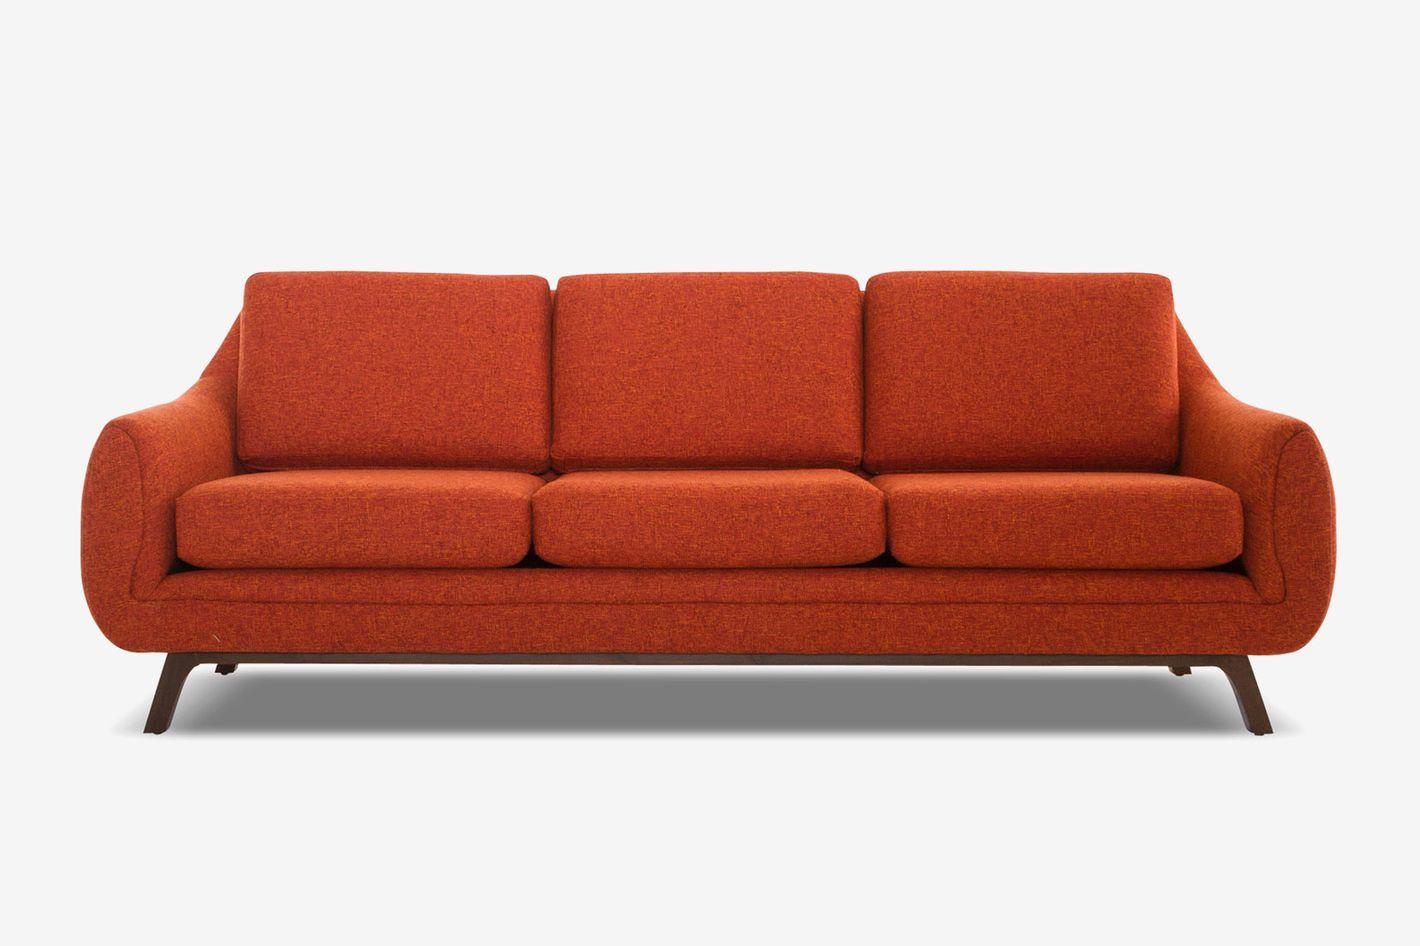 Joybird Calhoun Sofa